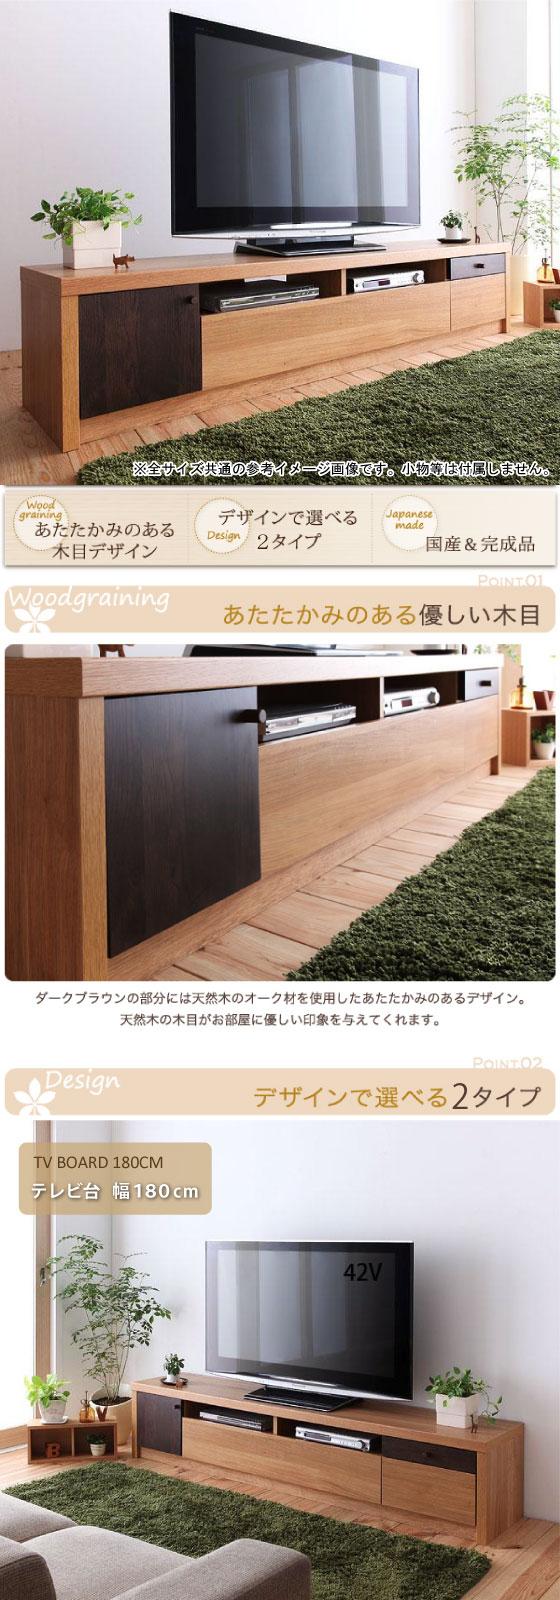 幅180cm・天然木オーク製テレビボード(日本製・完成品)